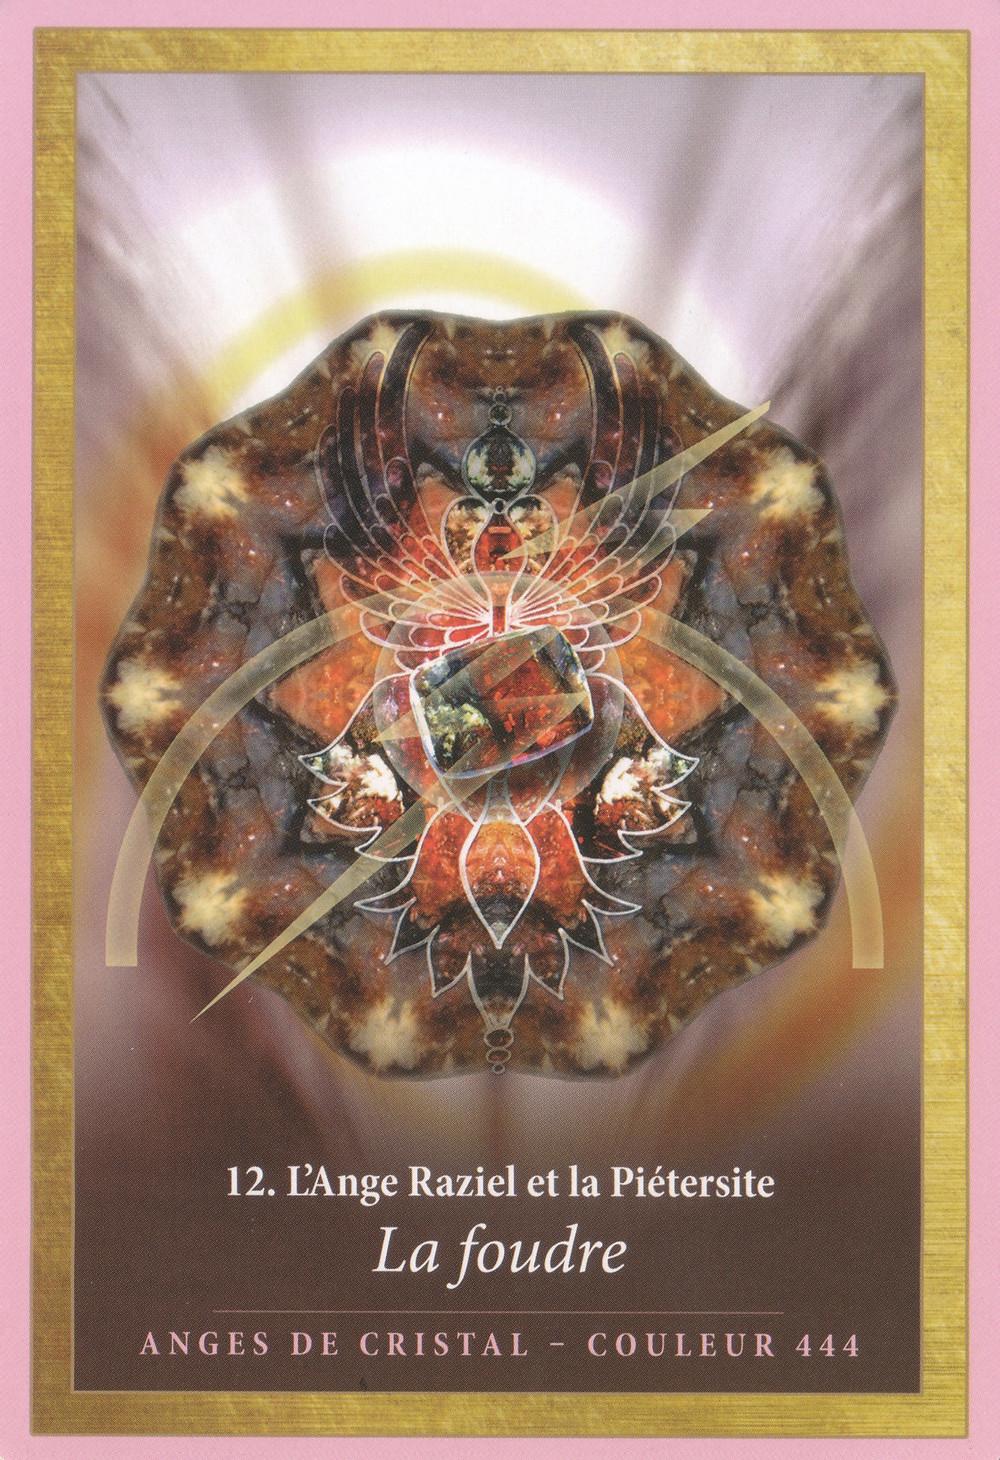 Carte tirée de L'Energie des Anges et des Cristaux d'Alana Fairchild - 12 - L'Ange Raziel et la Piétersite - Energies du weekend du 11 12 13 octobre 2019 (Pleine Lune) Fin de la toxicité, on s'engage vers l'Abondance et la Prospérité